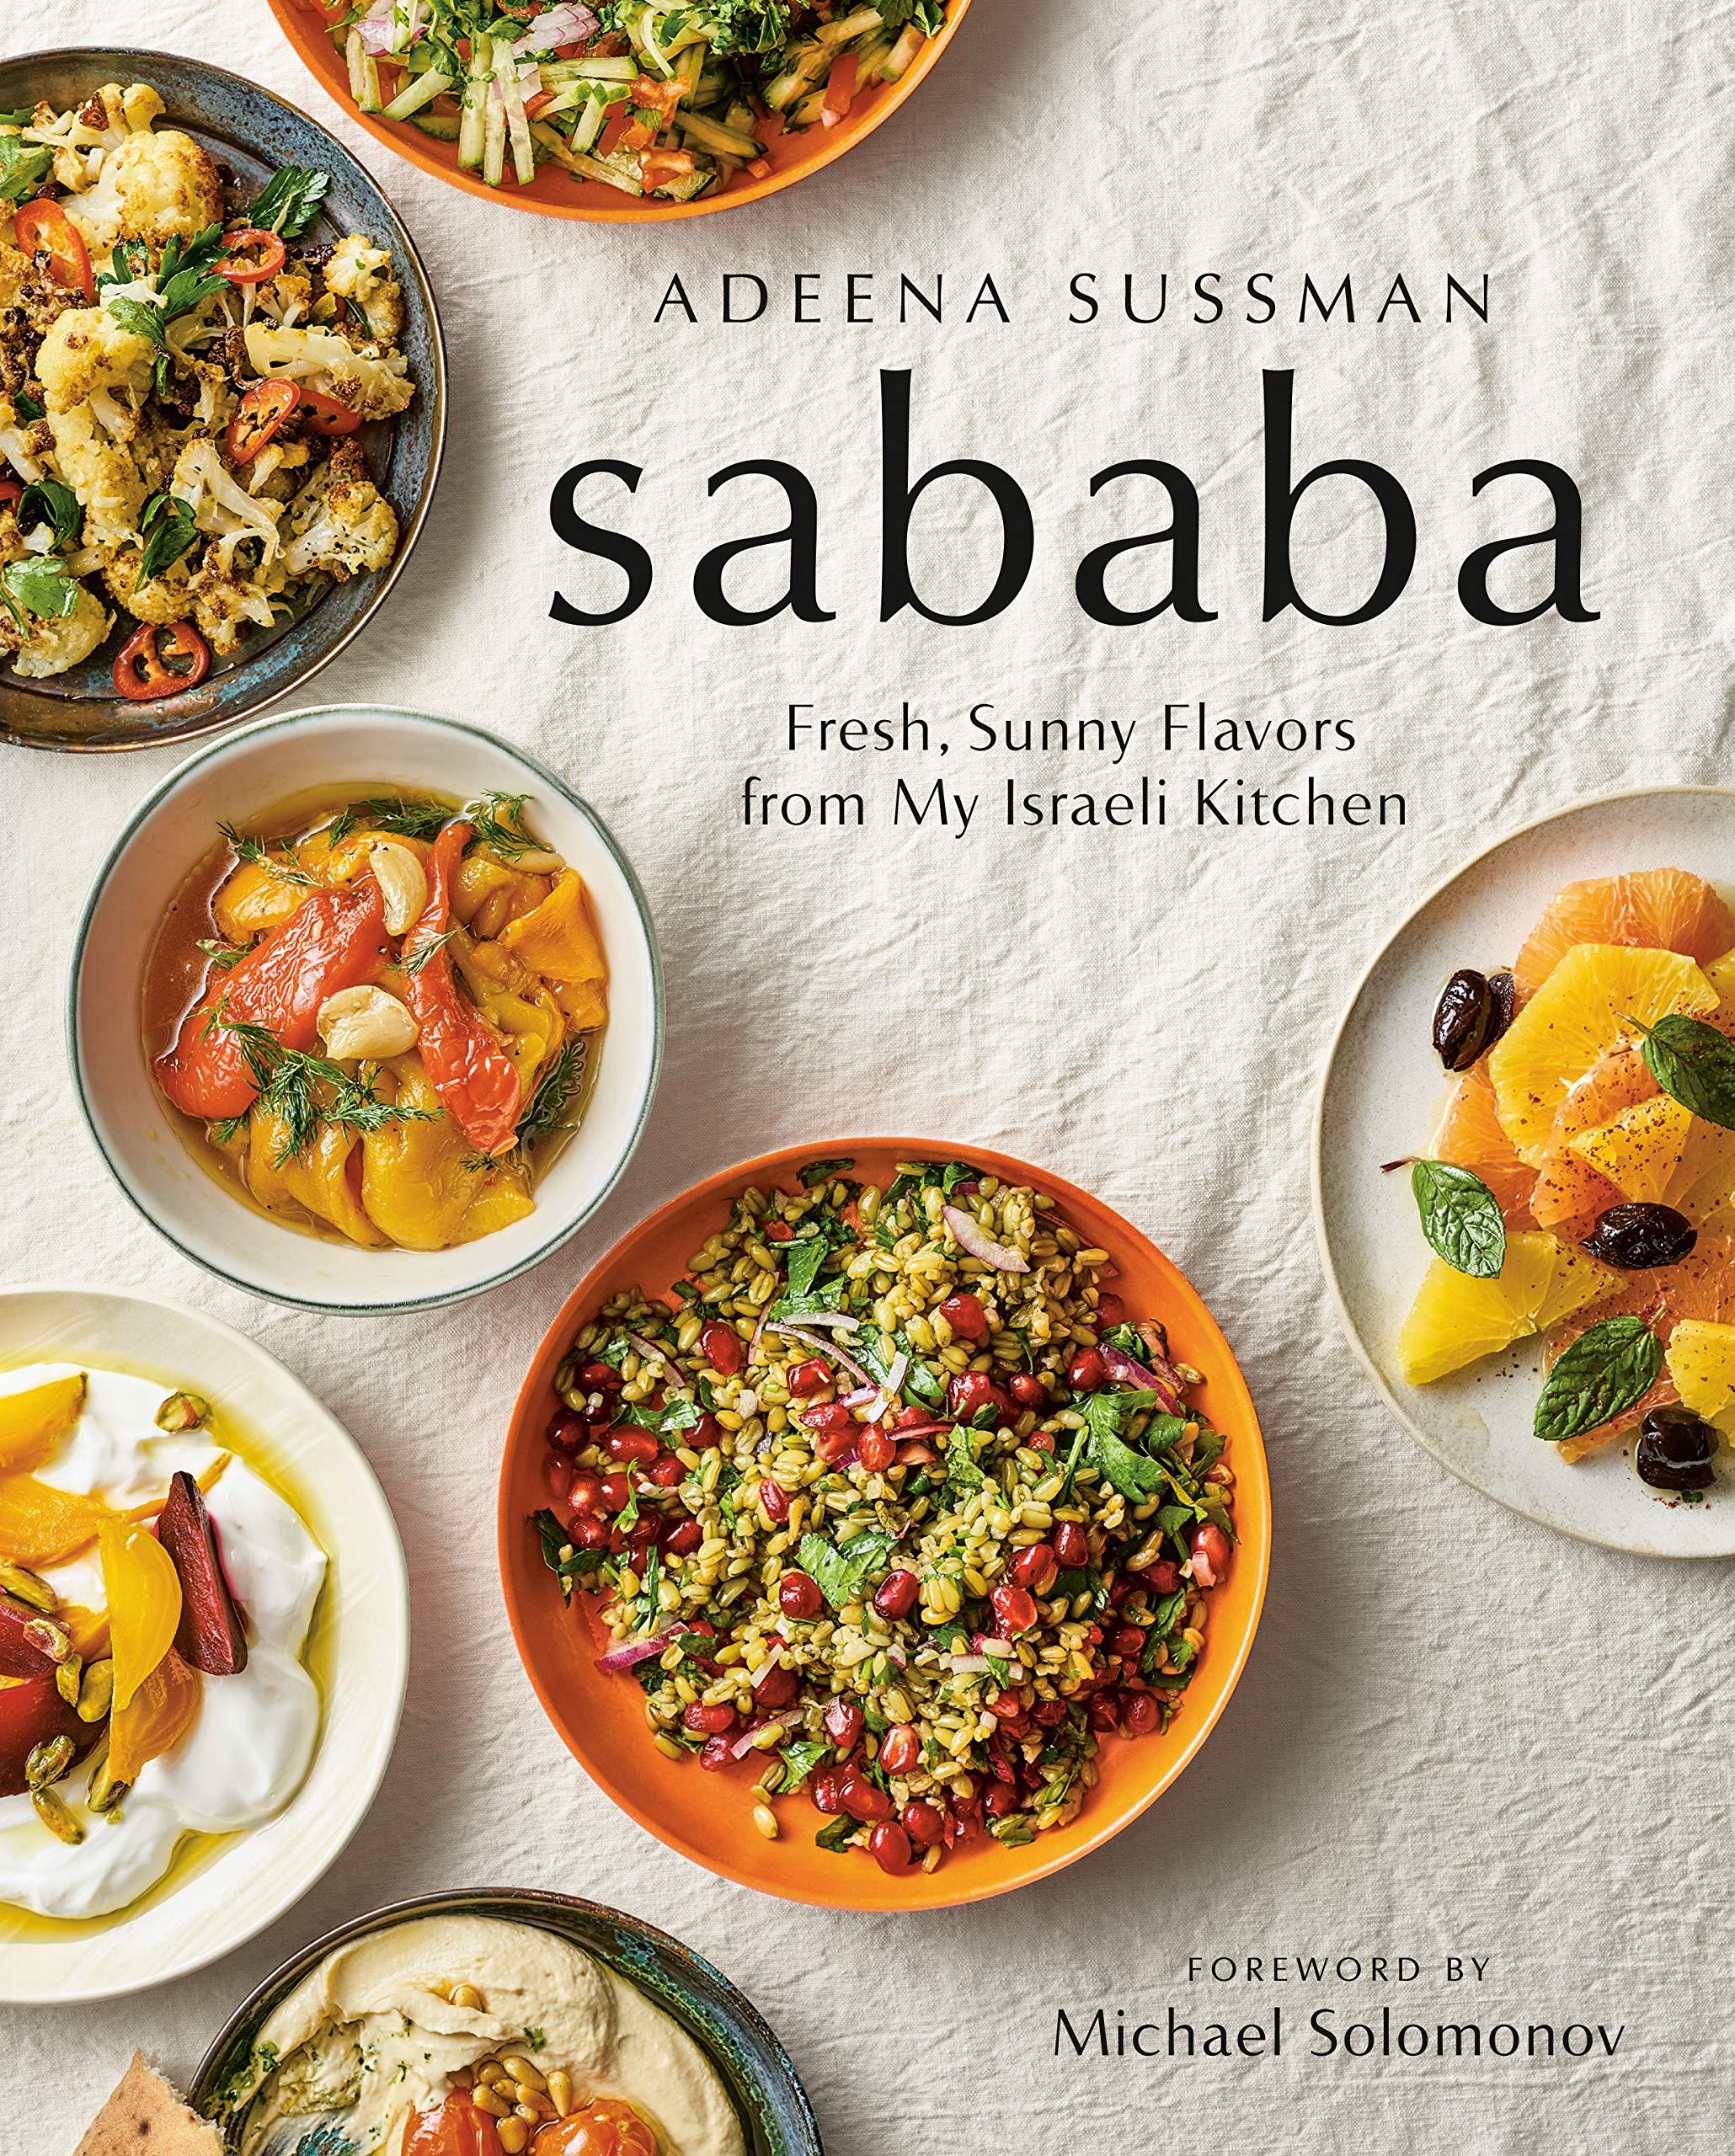 sababa by Adeena Sussman